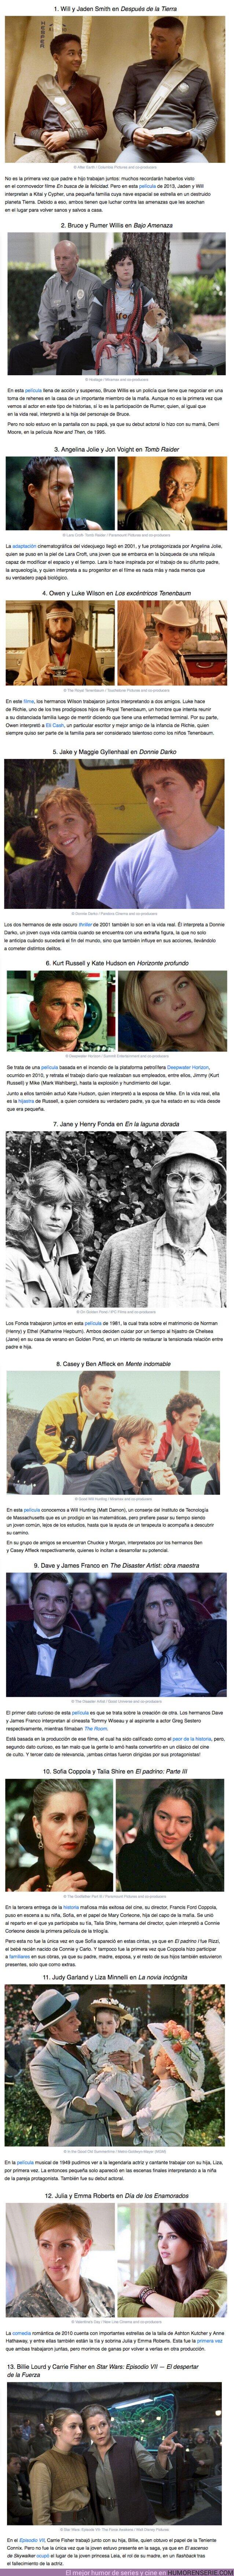 61024 - GALERÍA: 13 Actores y actrices que actuaron con sus familiares en la misma película